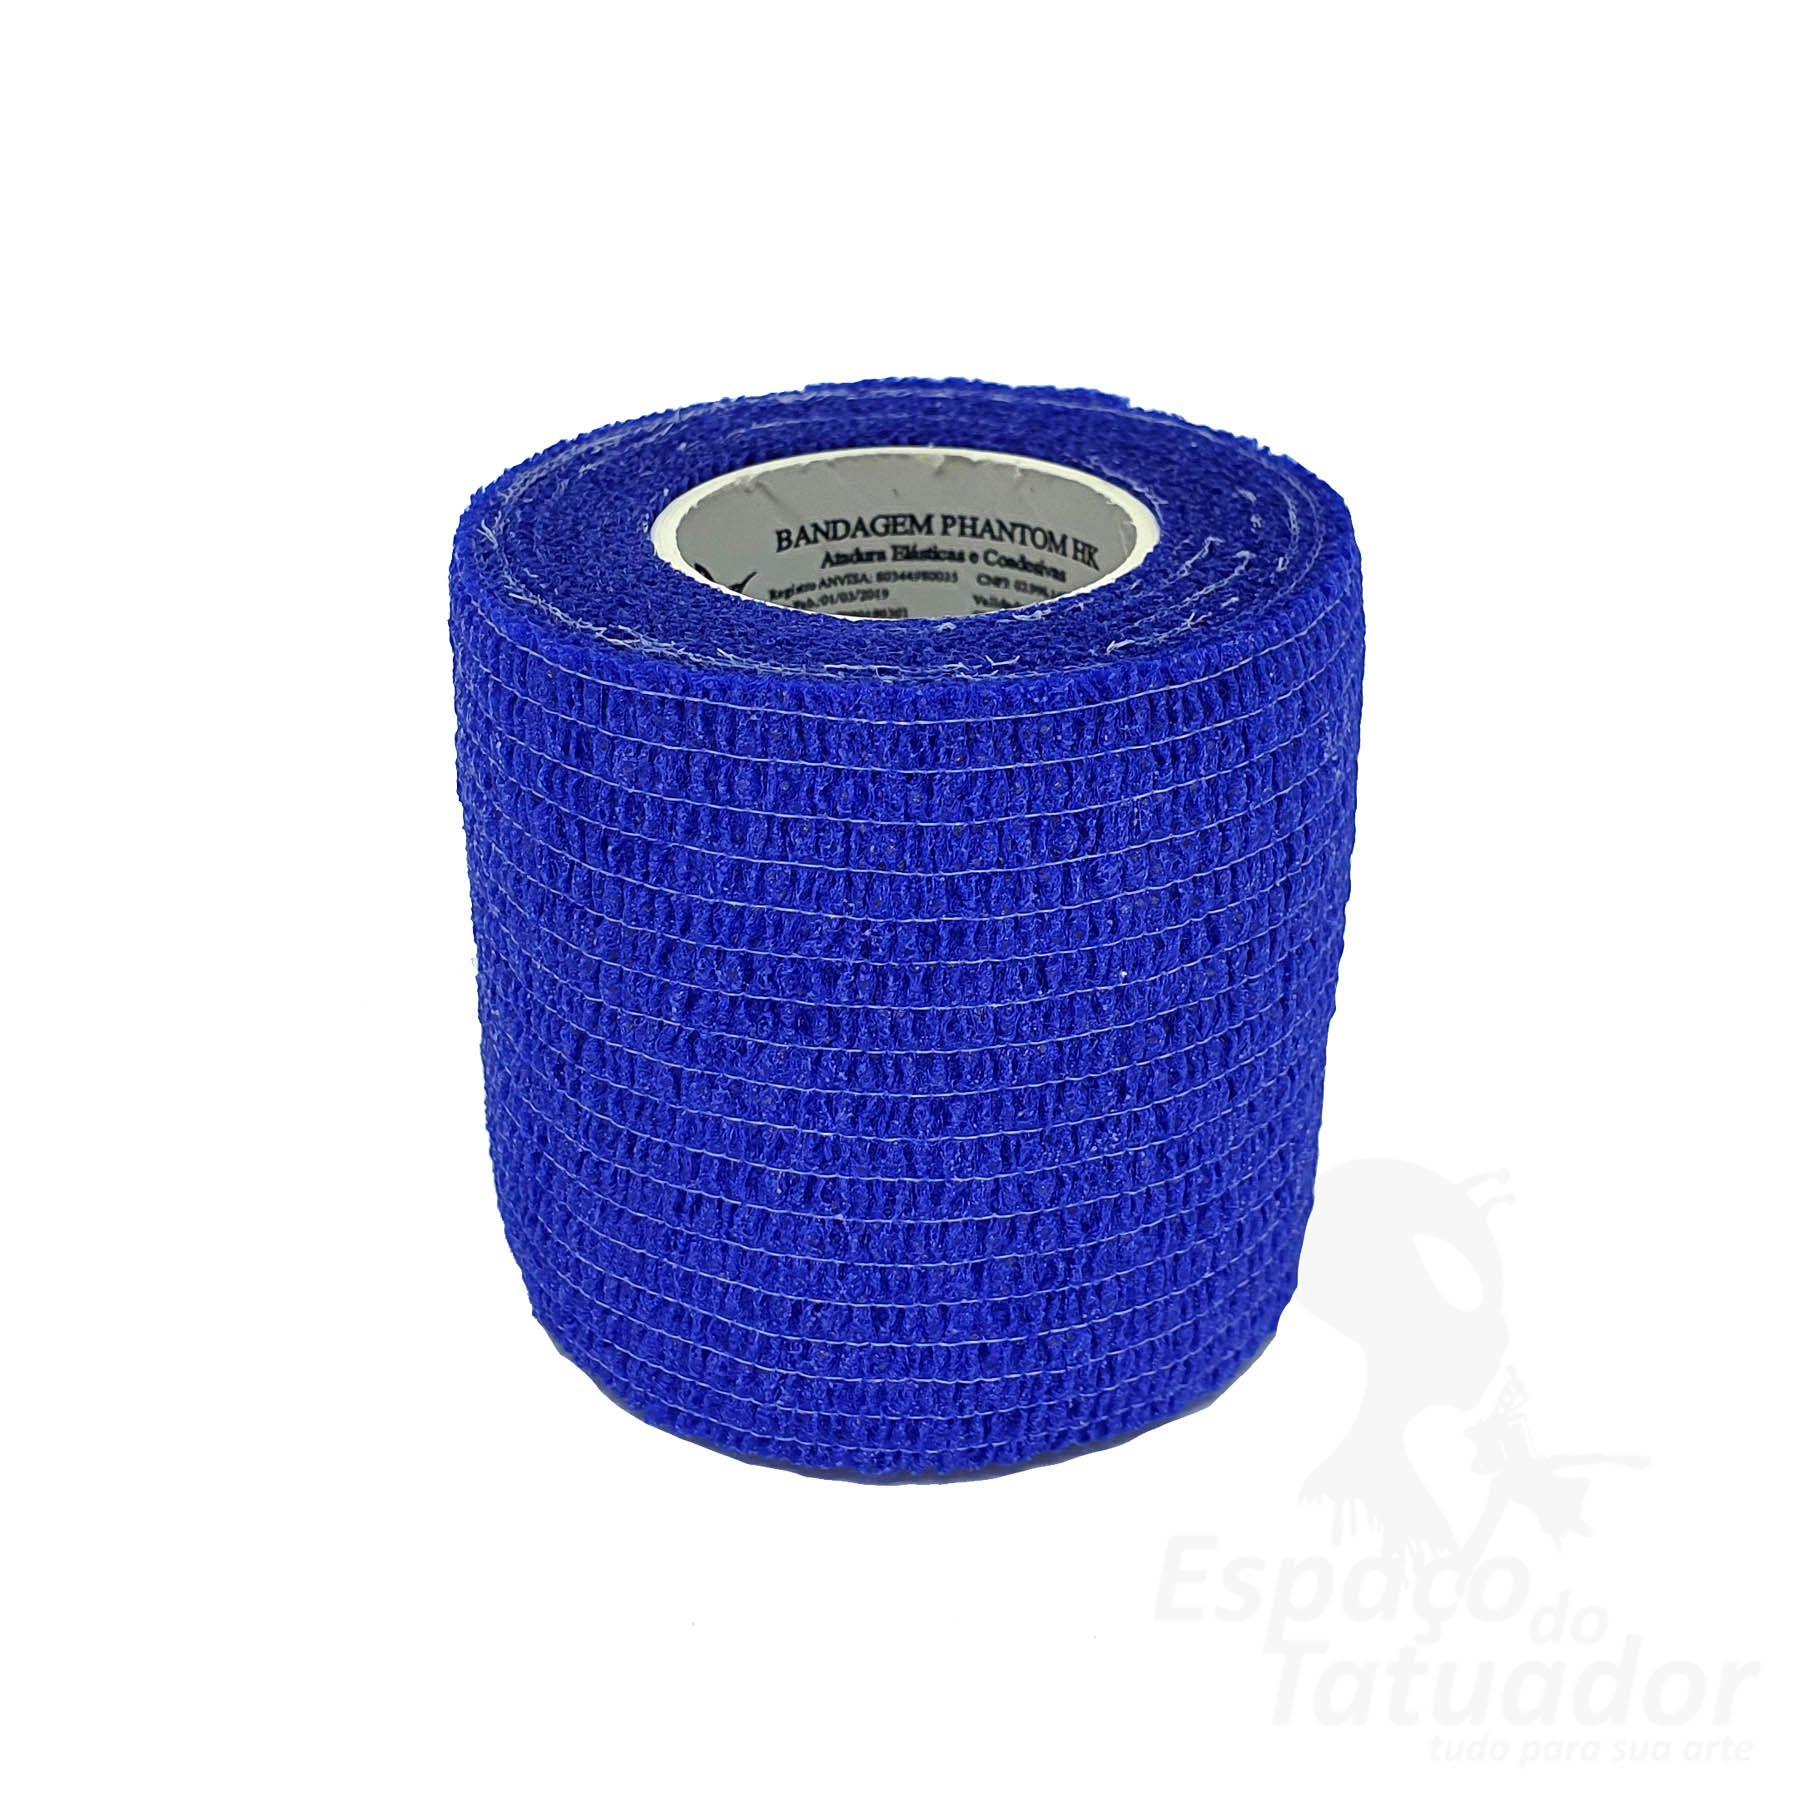 Bandagem Custom Phantom HK - Blue